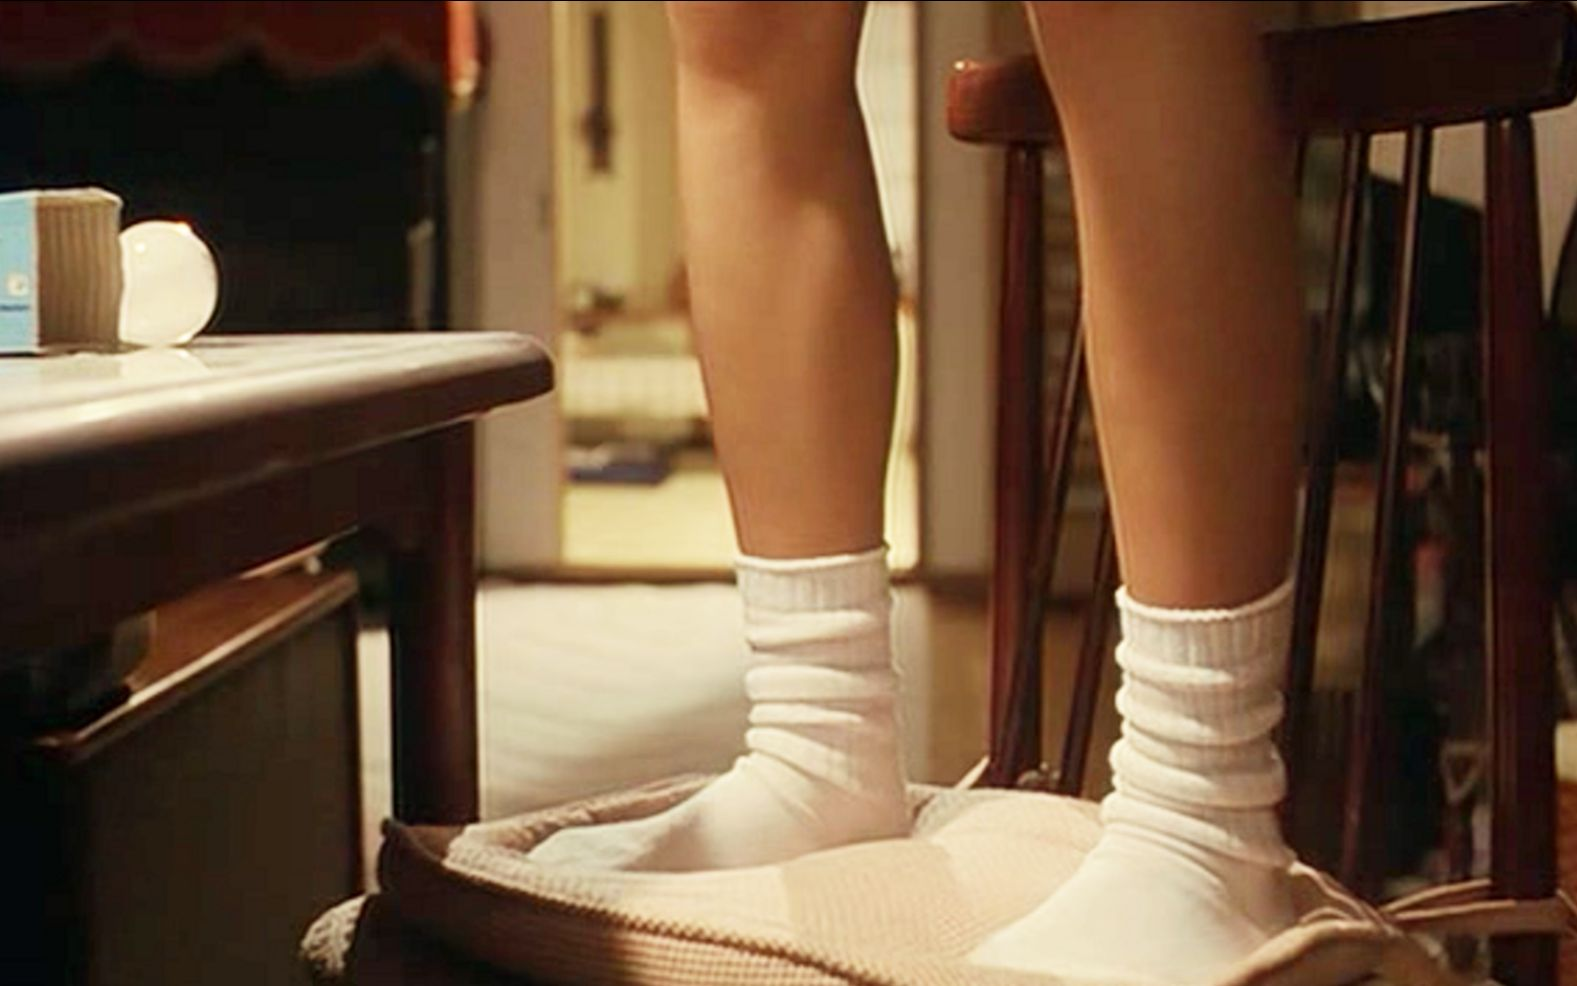 一部残酷的青春电影《害虫》,青春期的懵懂经历,看完让人唏嘘不已